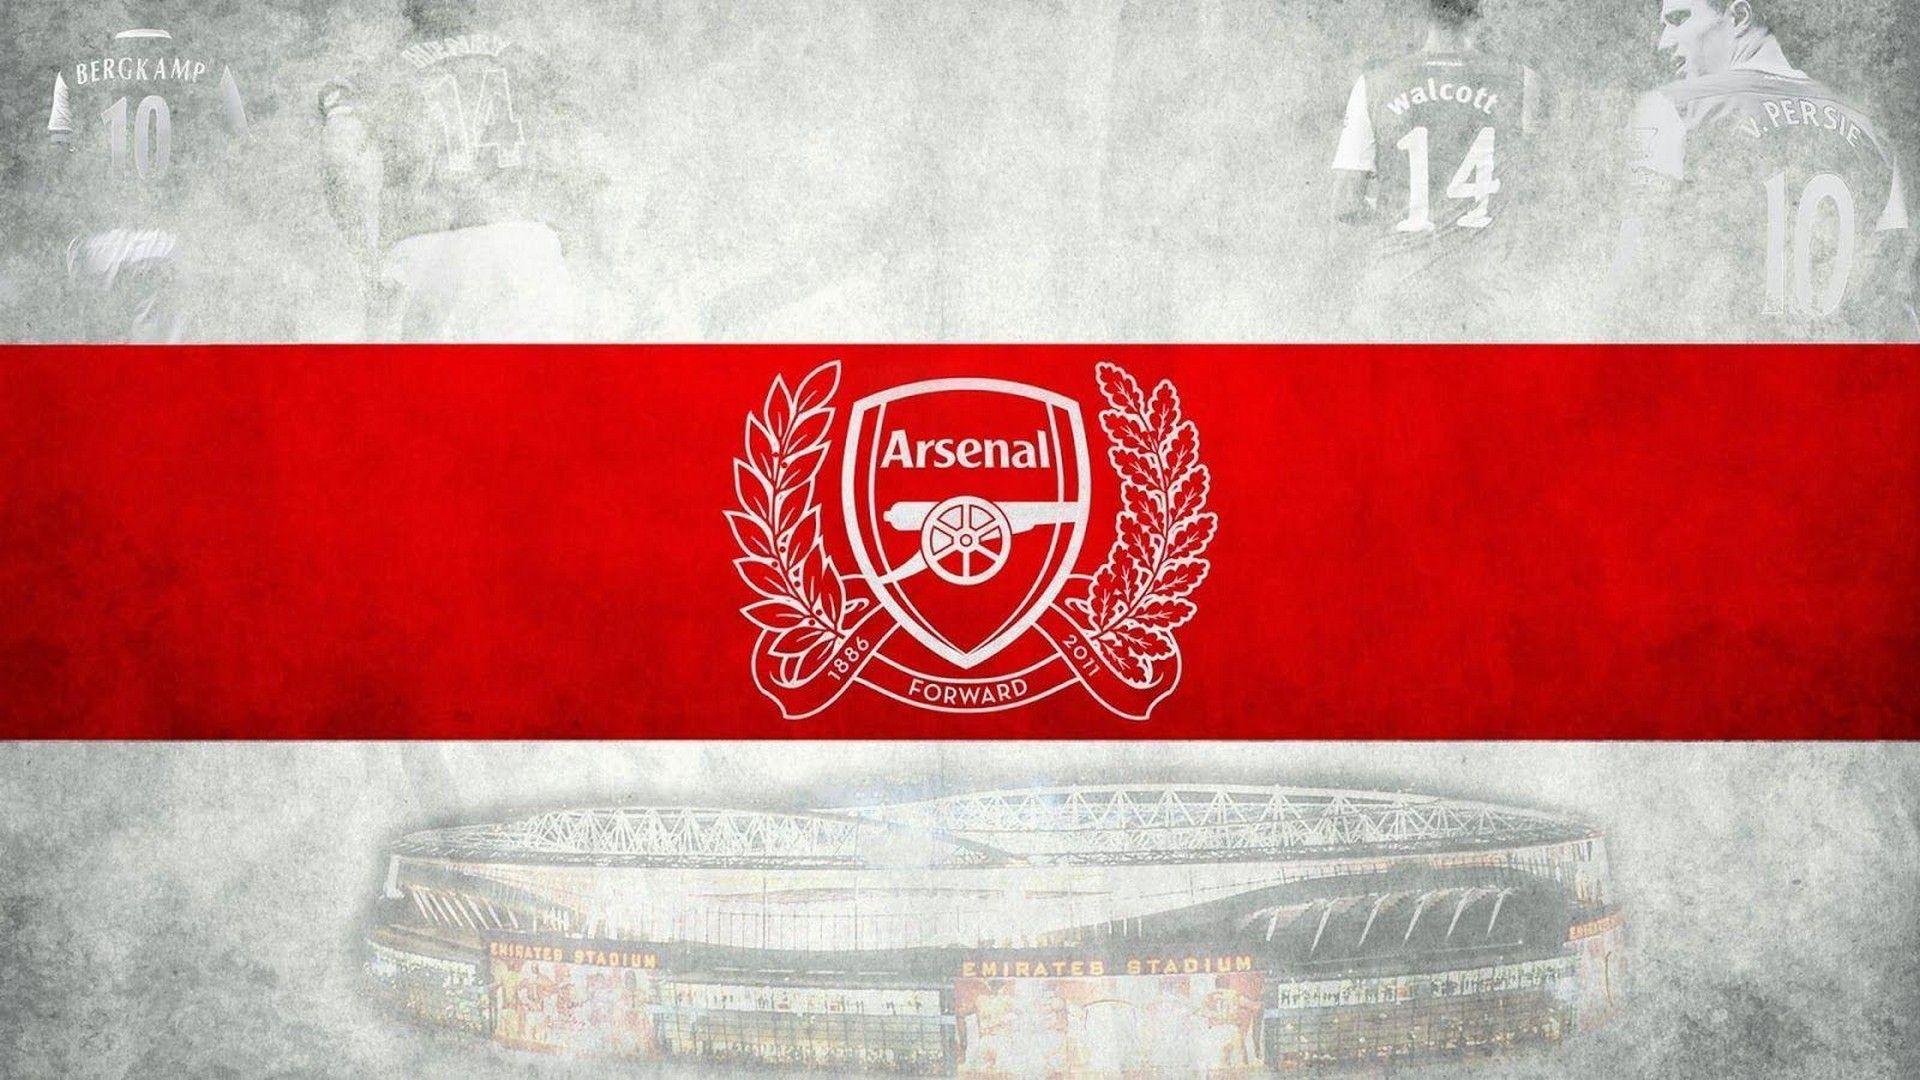 Hd Arsenal Wallpaper Arsenal Wallpapers Arsenal Arsenal